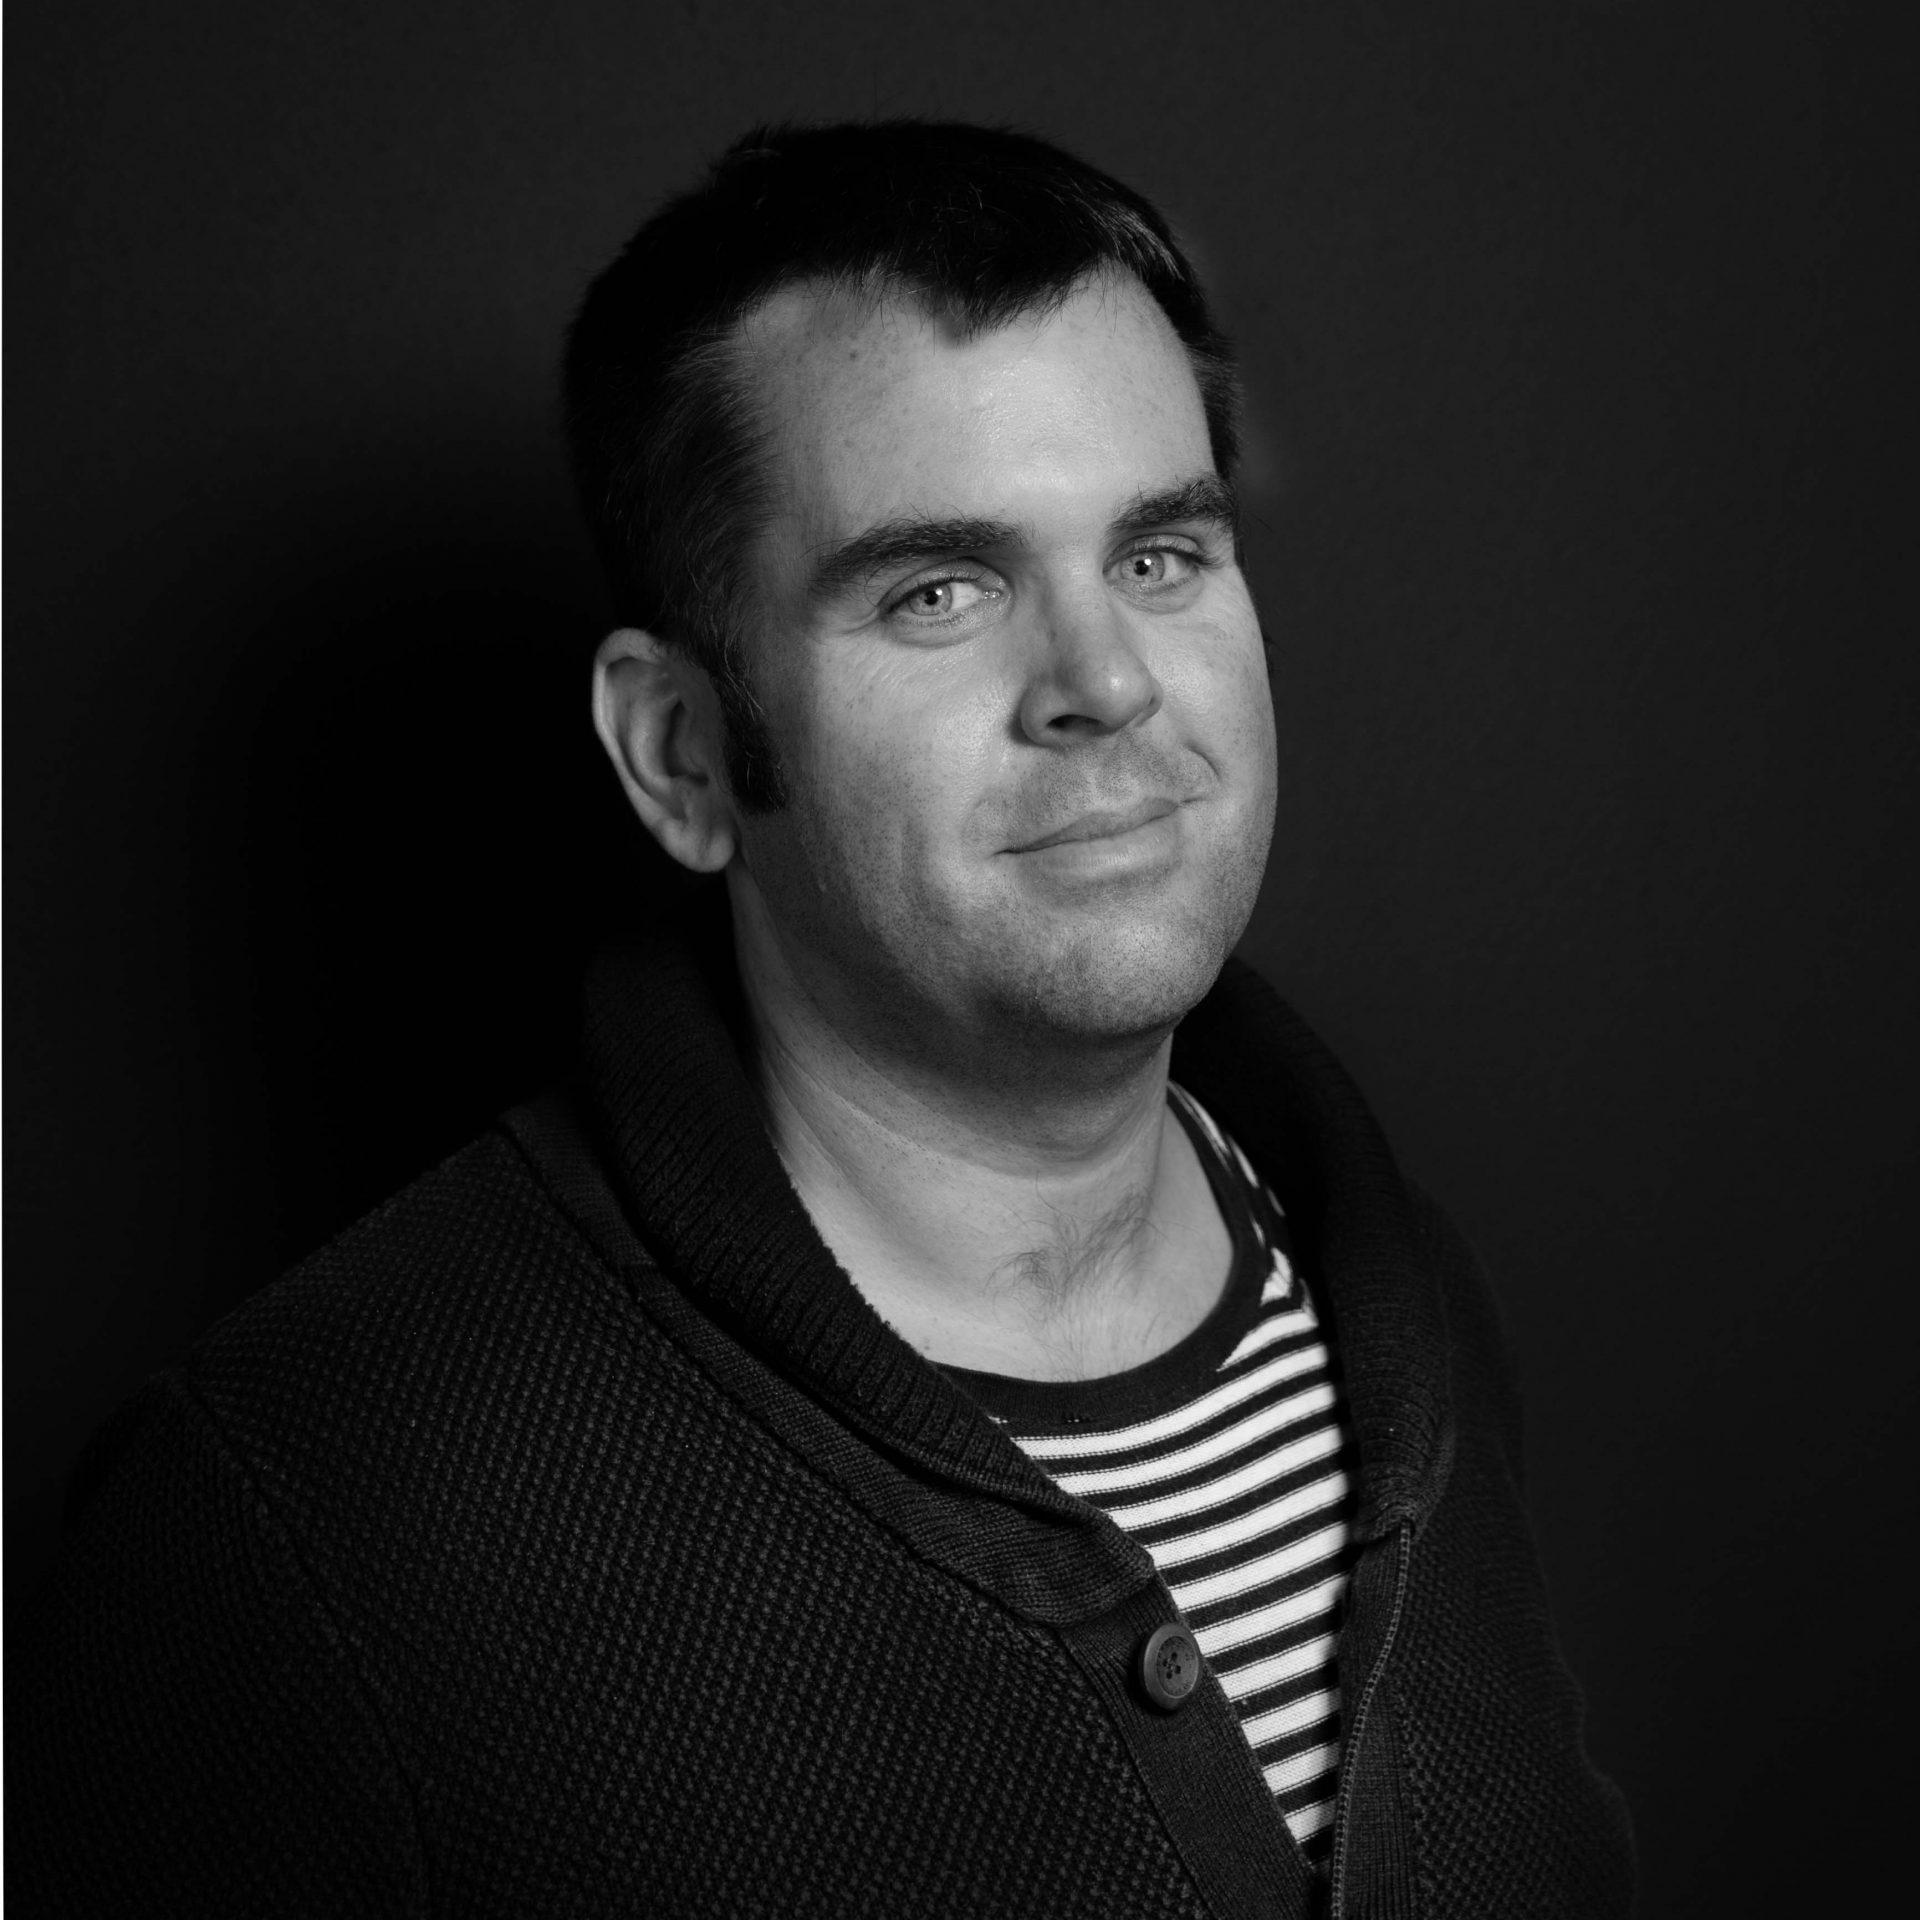 Mathieu Lamour